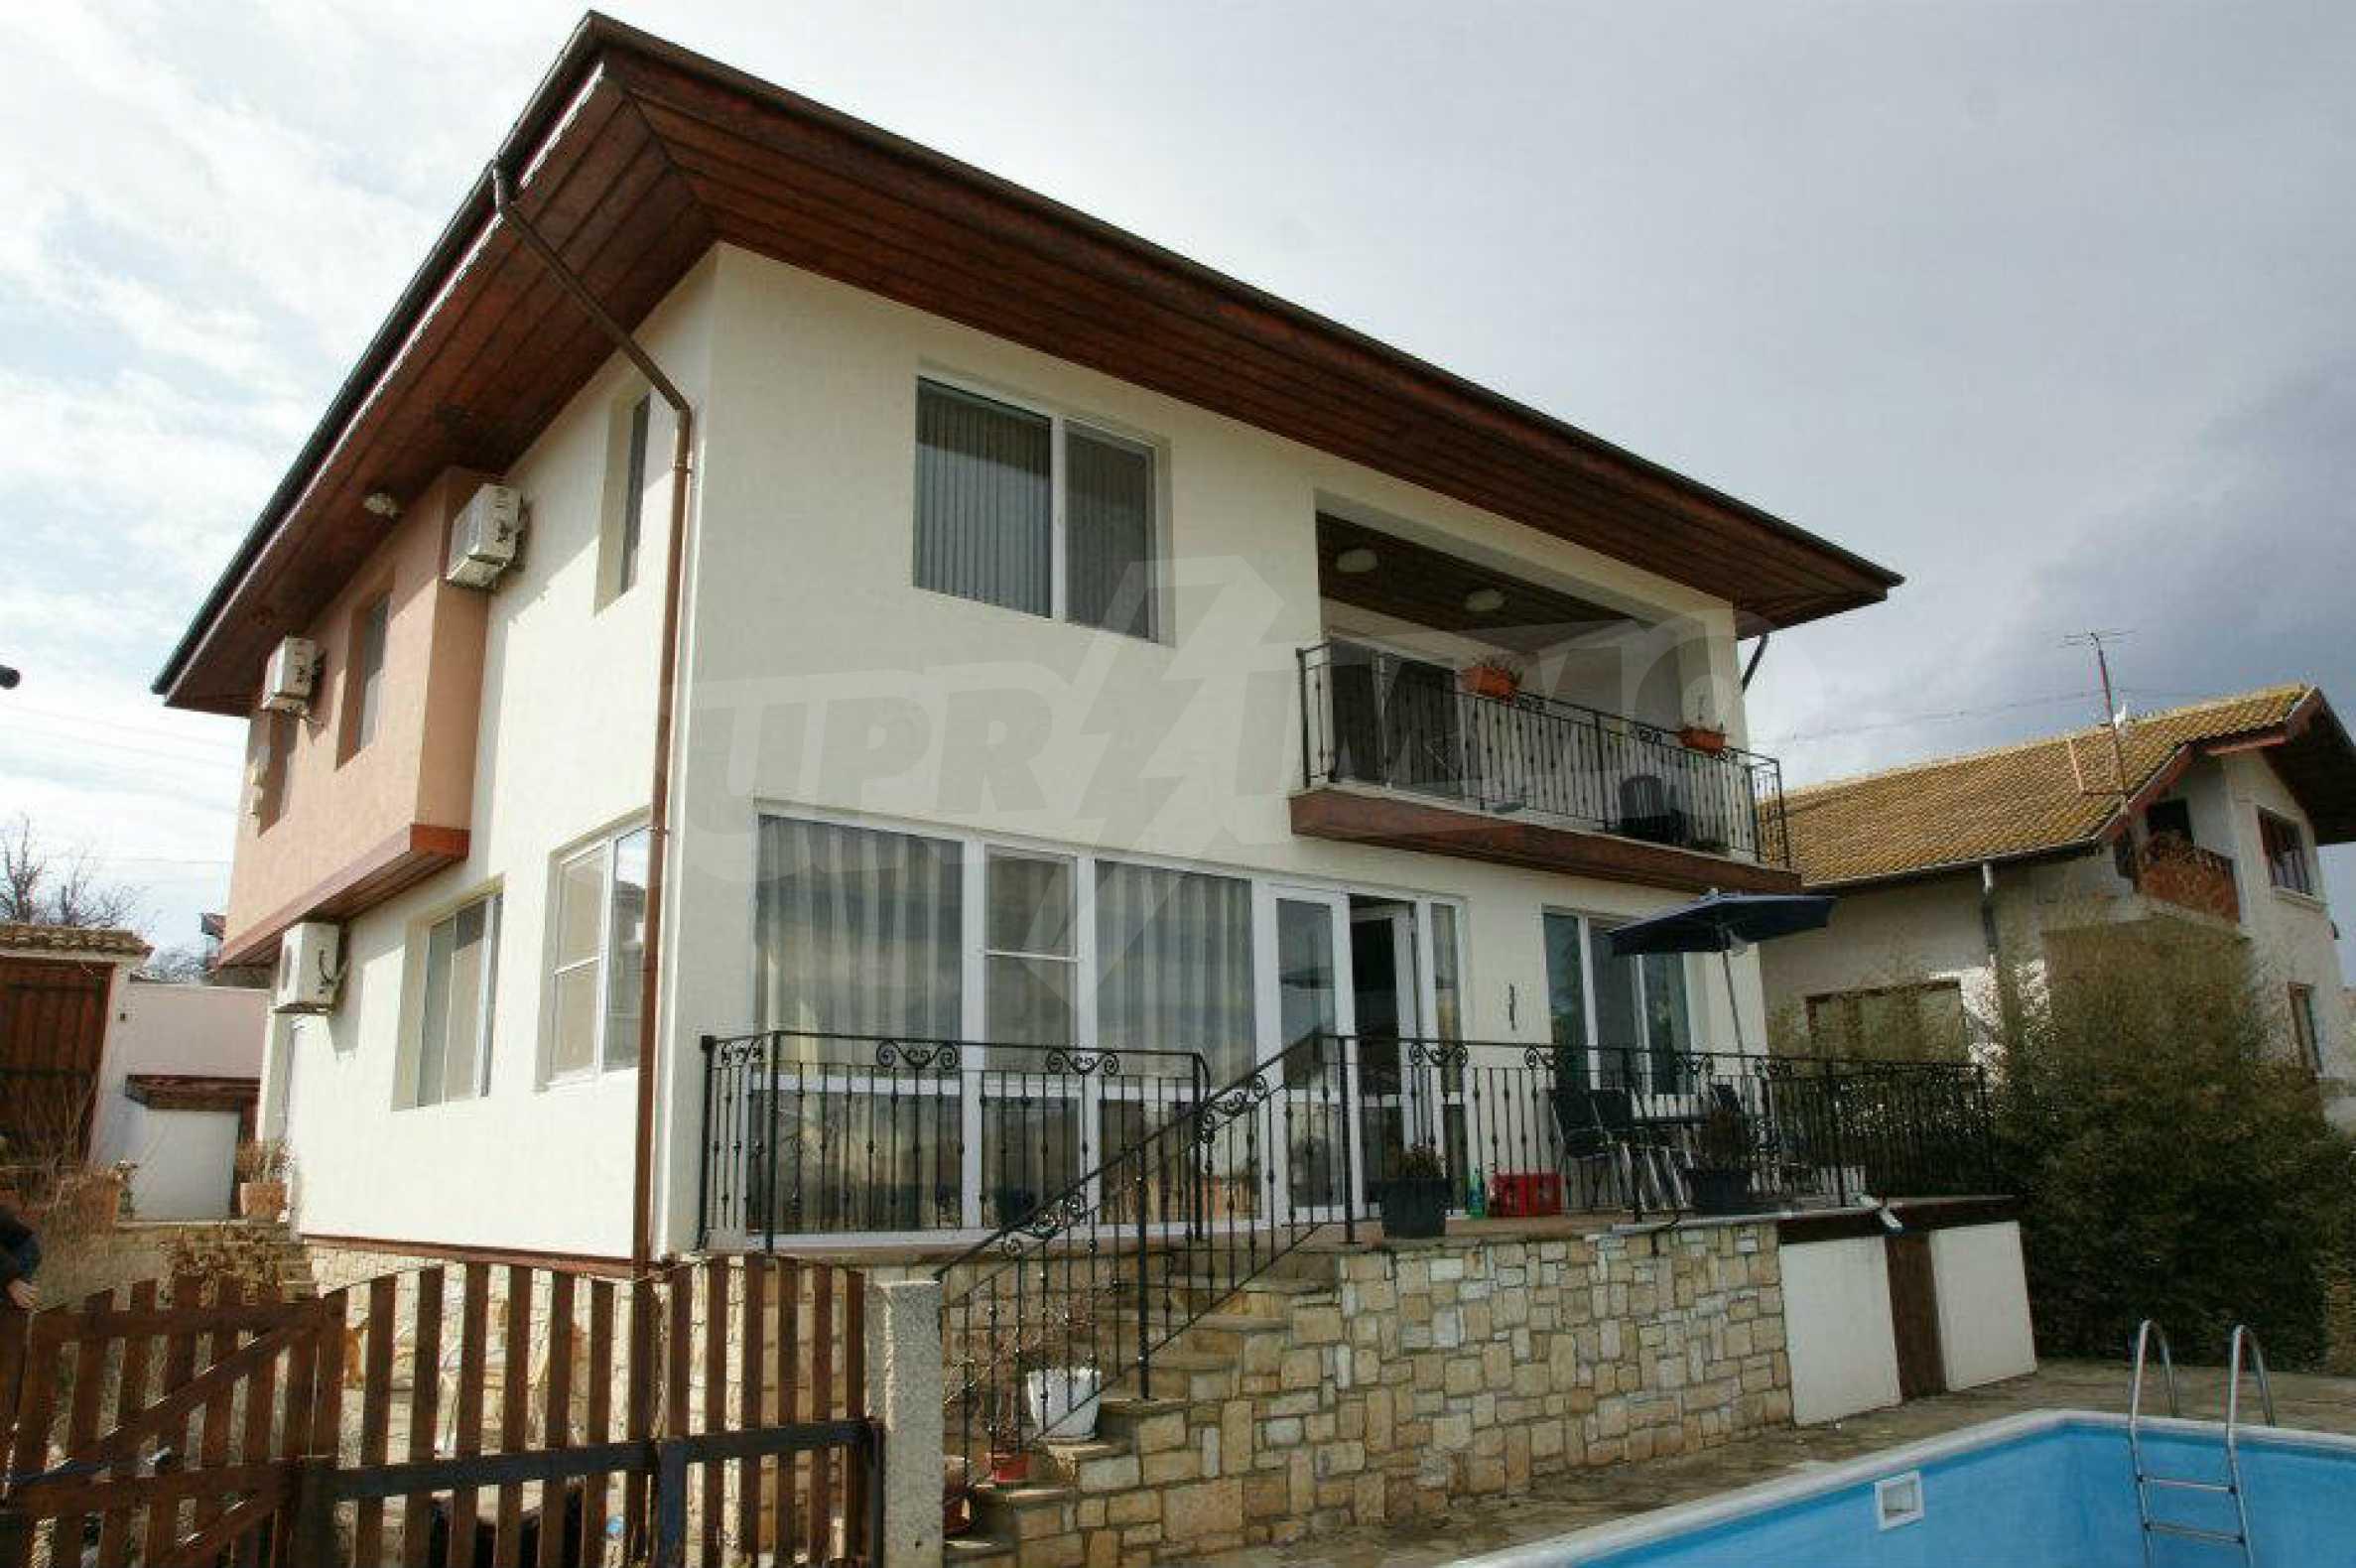 Zweistöckiges Haus mit Pool und Meerblick in der Nähe von Varna 1